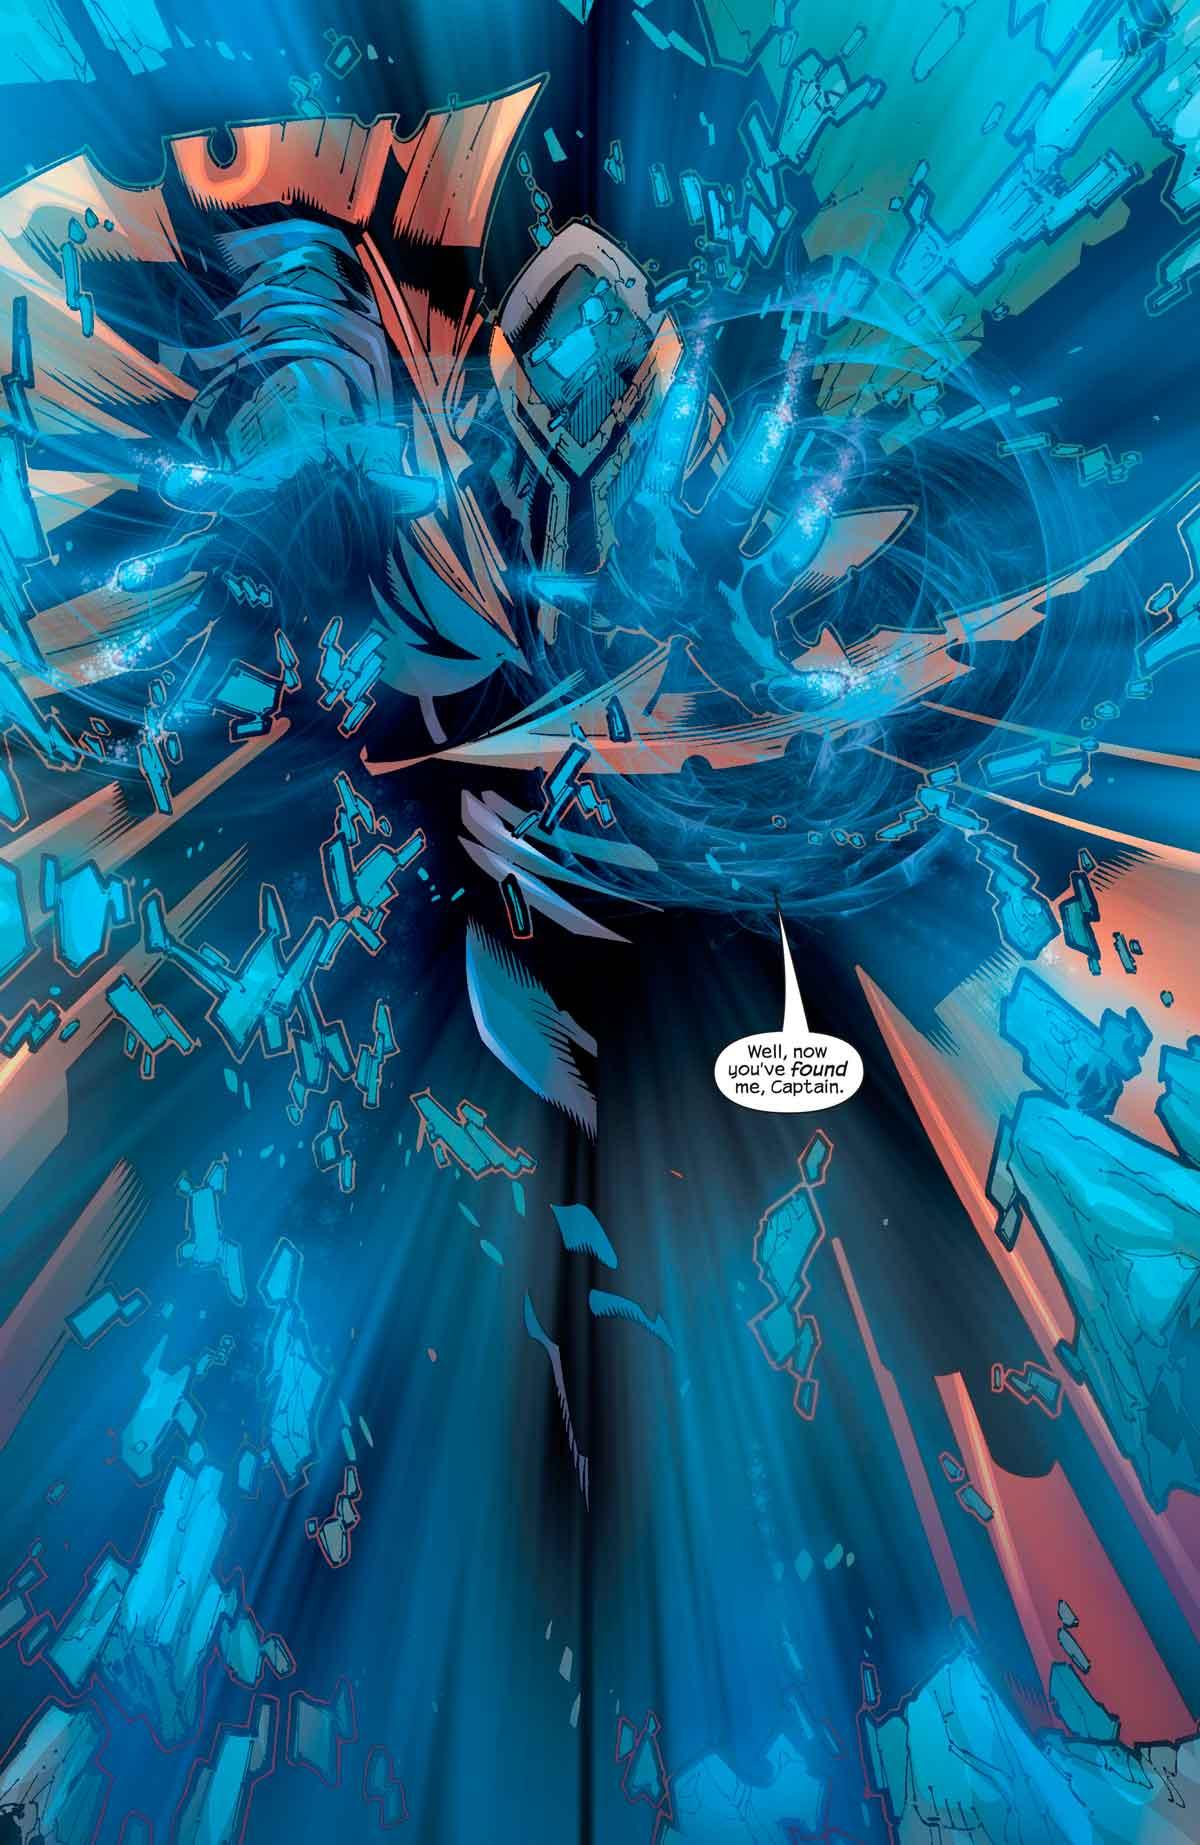 ¿Quién ganaría en una pelea entre los X-Men y los Vengadores?